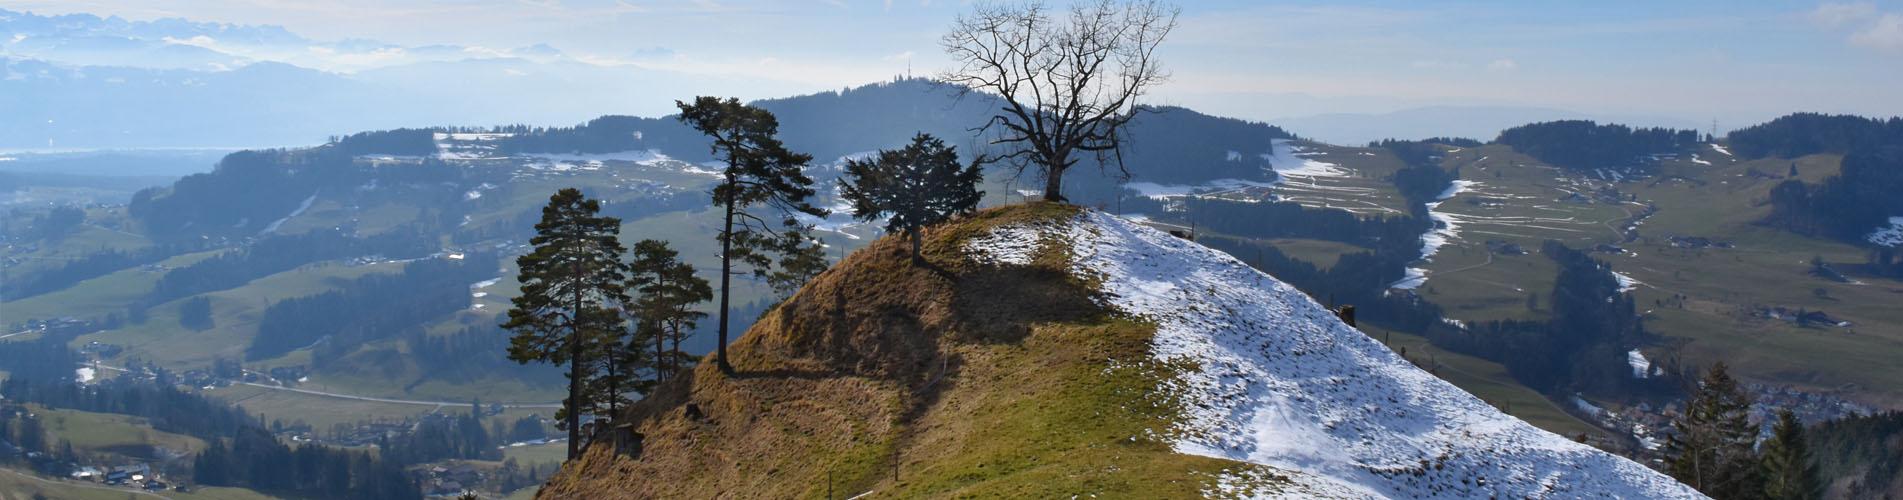 Wanderungen im Züri Oberland – Jetzt geht's los auf die schönsten Wanderwege im Zürcher Oberland.